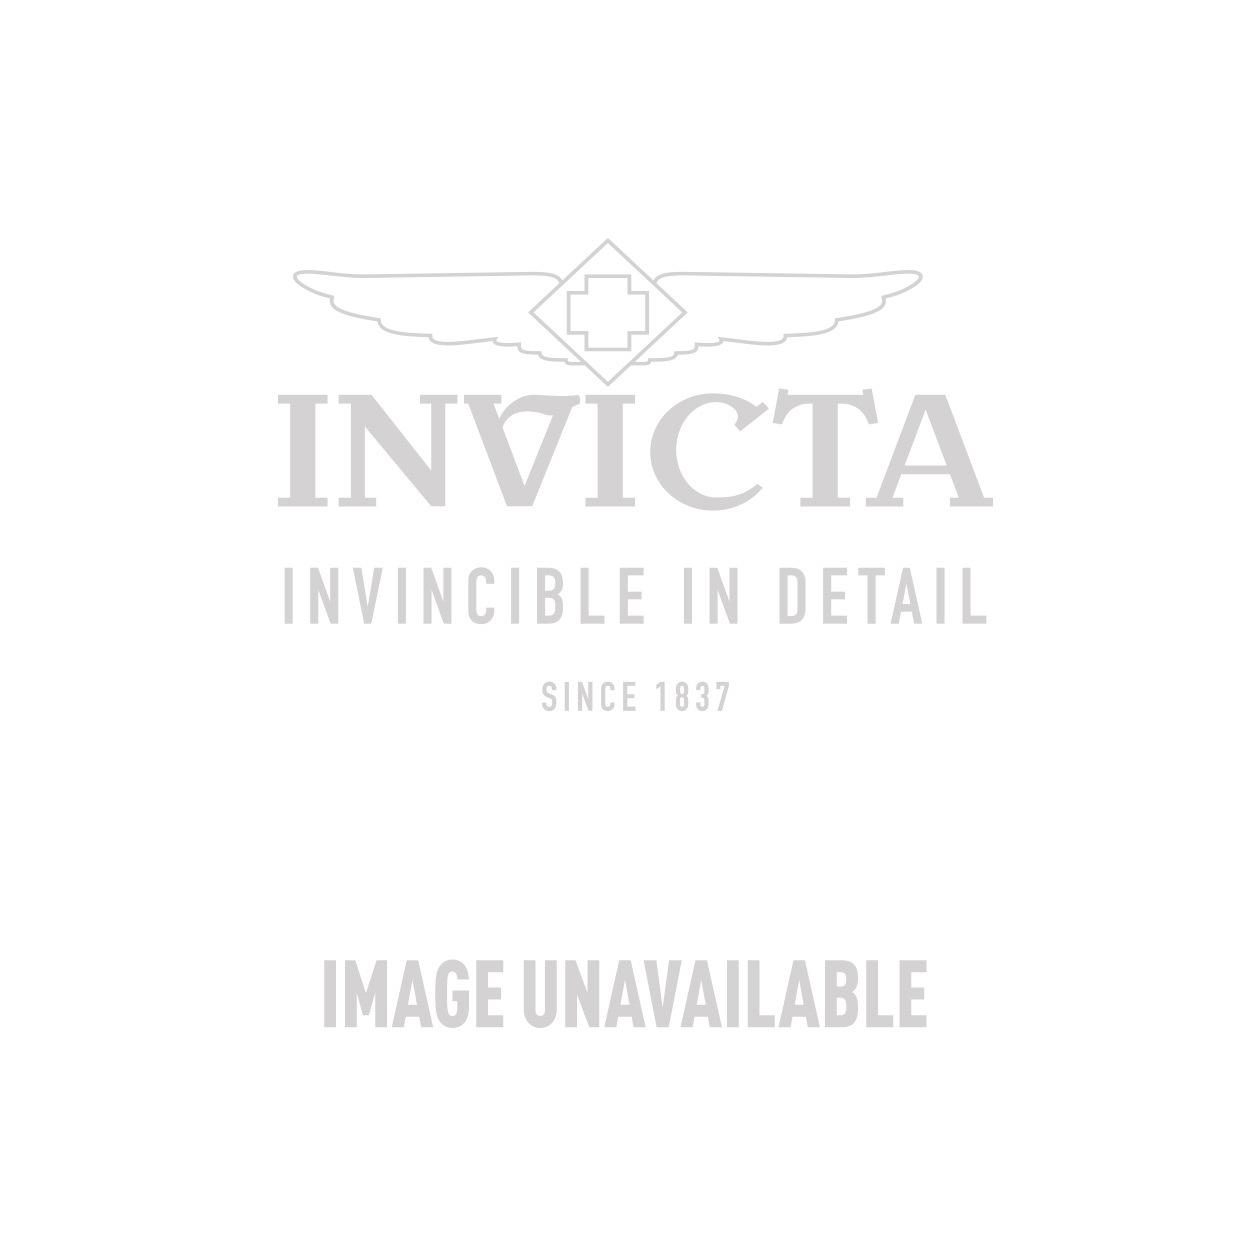 Invicta Model 24625